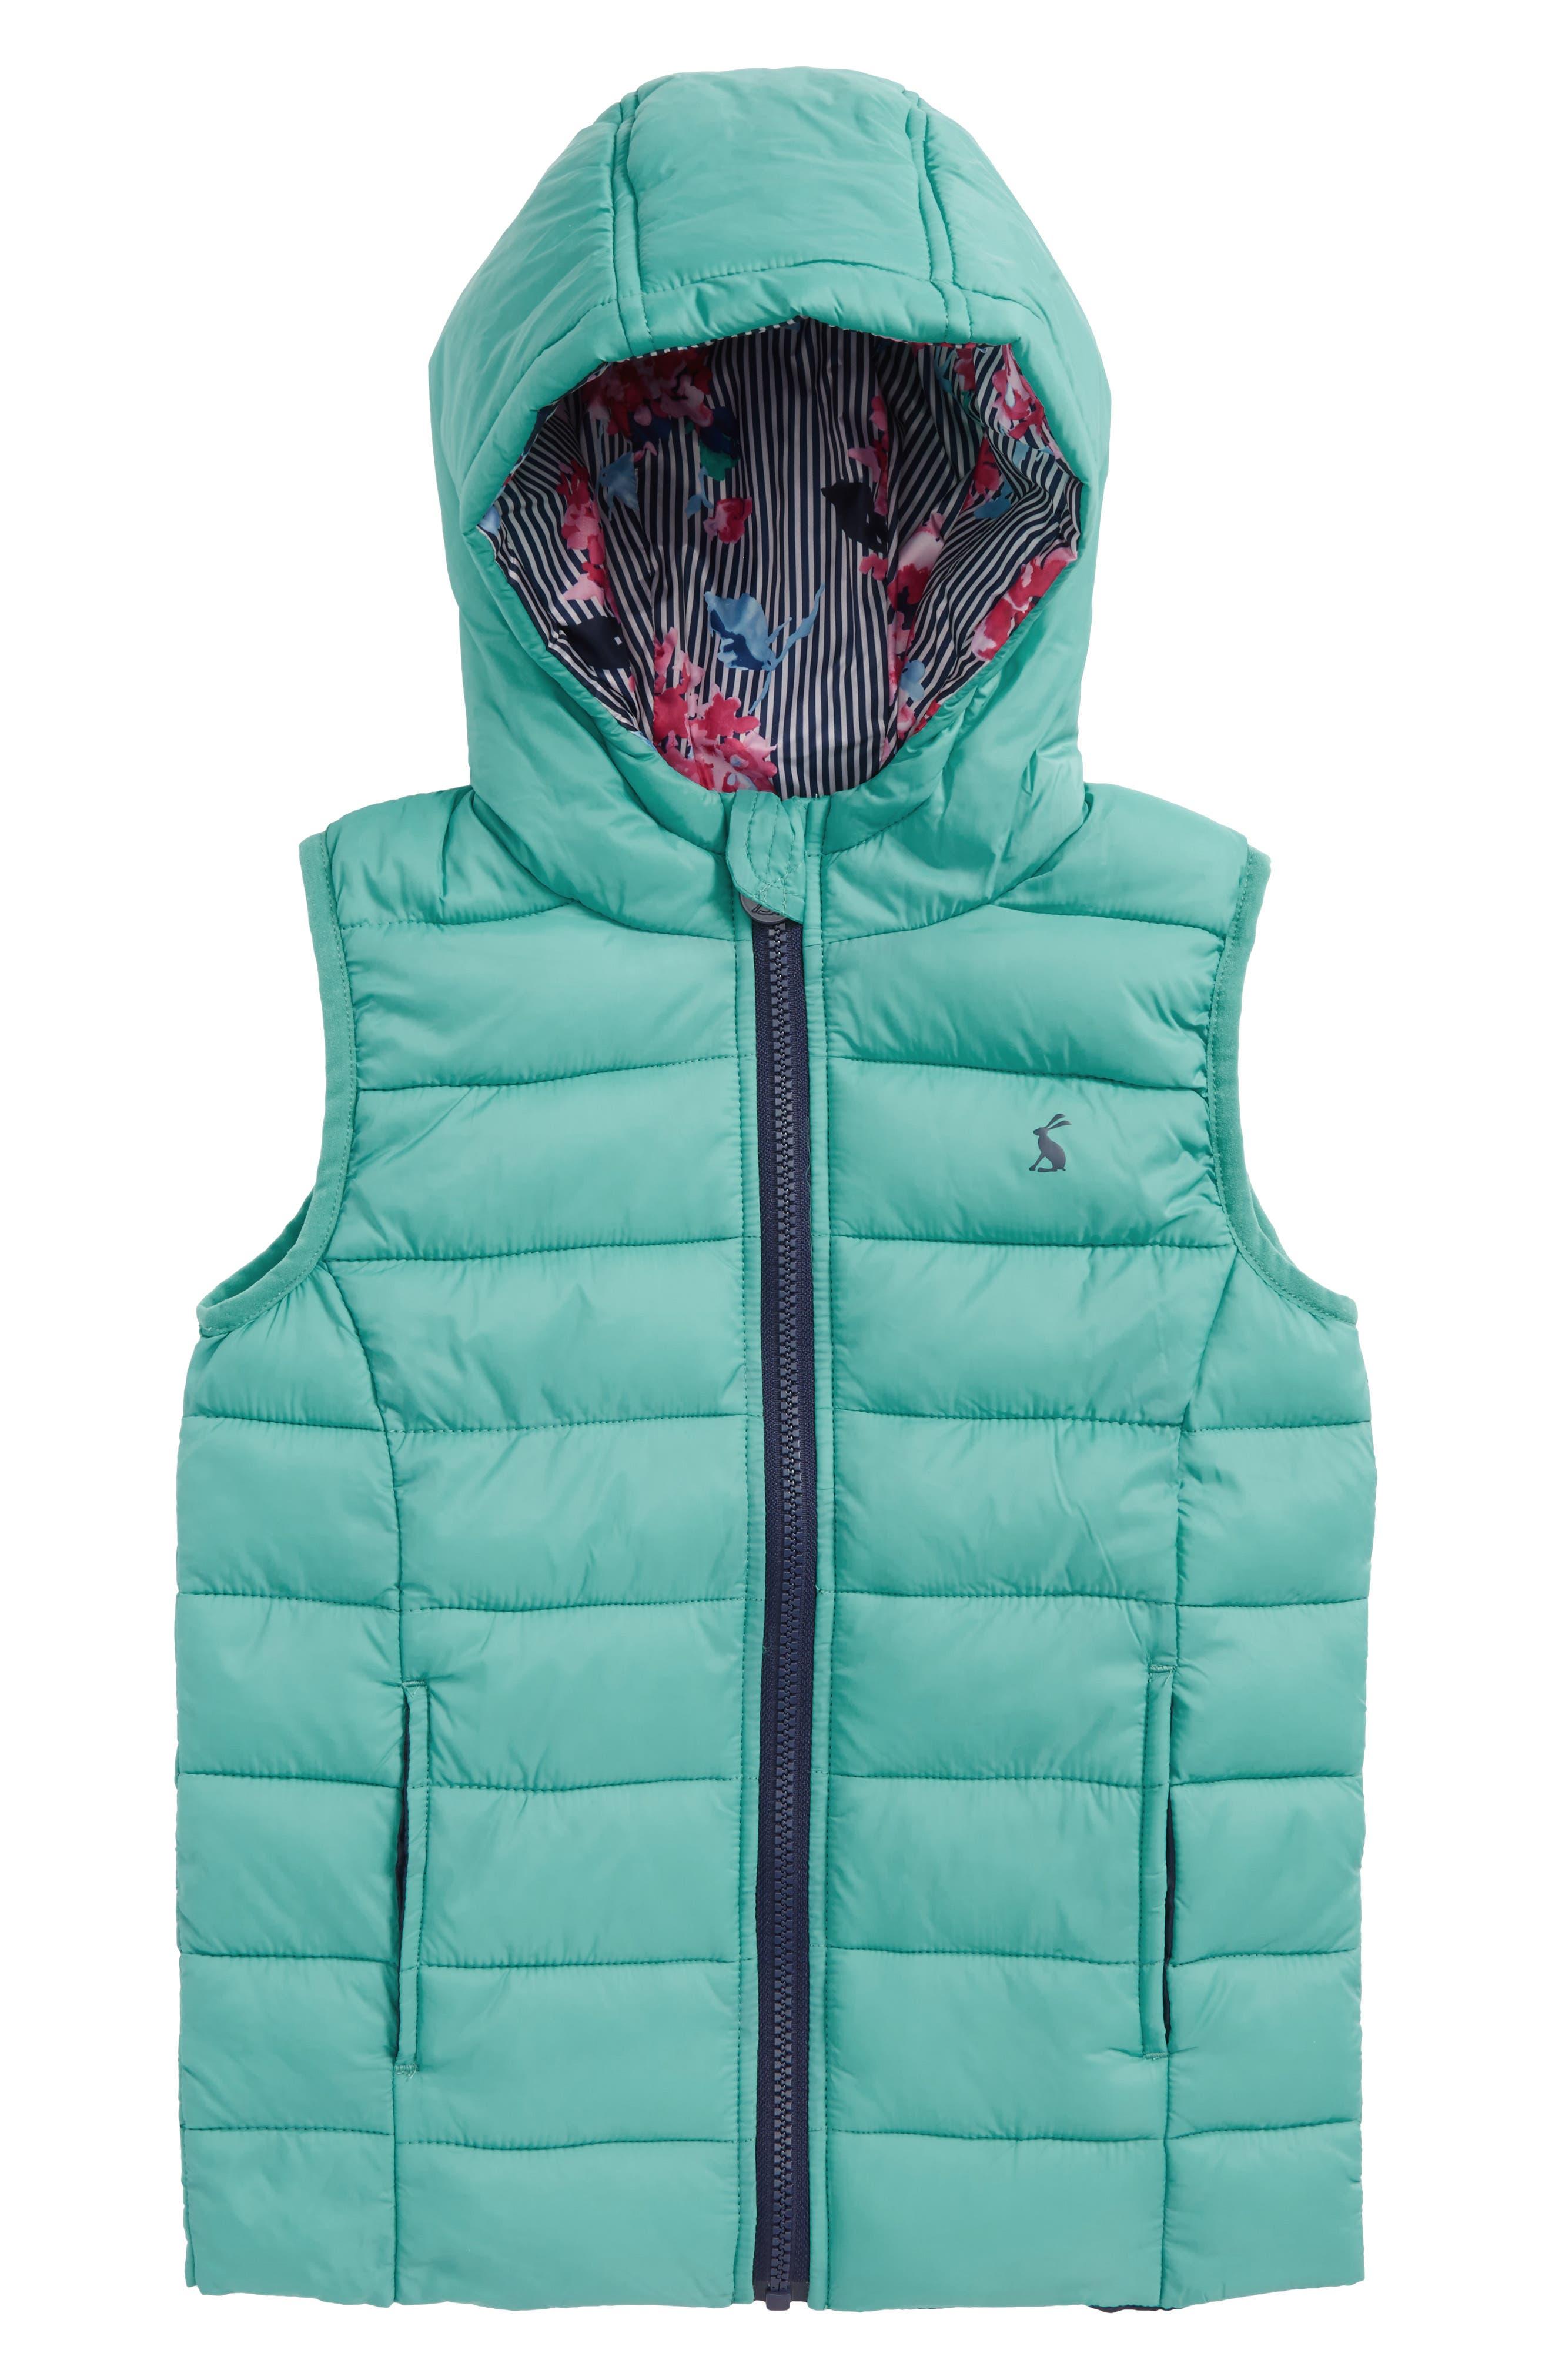 Printed Packaway Vest,                         Main,                         color, 323